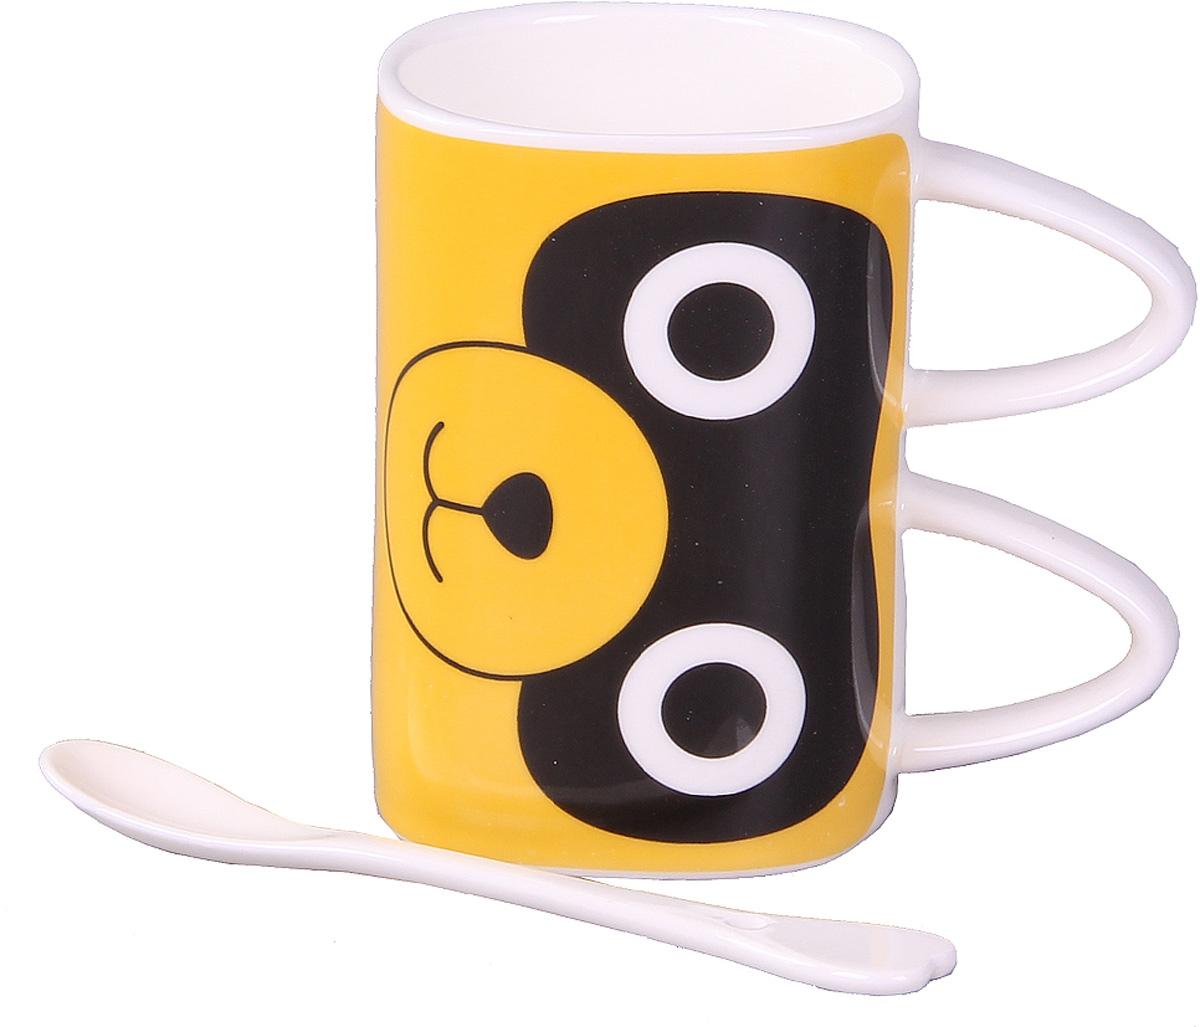 Кружка Empire of Dishes Кот, с ложкой, цвет: белый, желтый, черный, 350 млIM99-0539/2Кружка Empire of Dishes Кот изготовлена из высококачественной керамики. Кружка оформлена в виде головы кота. В комплект к кружке прилагается ложечка, которая с легкостью поможет размешать ваш любимый напиток. Такая кружка станет приятным сувениром родным и близким. Объем: 350 мл. Диаметр (по верхнему краю): 7,5 см. Высота кружки: 11 см.